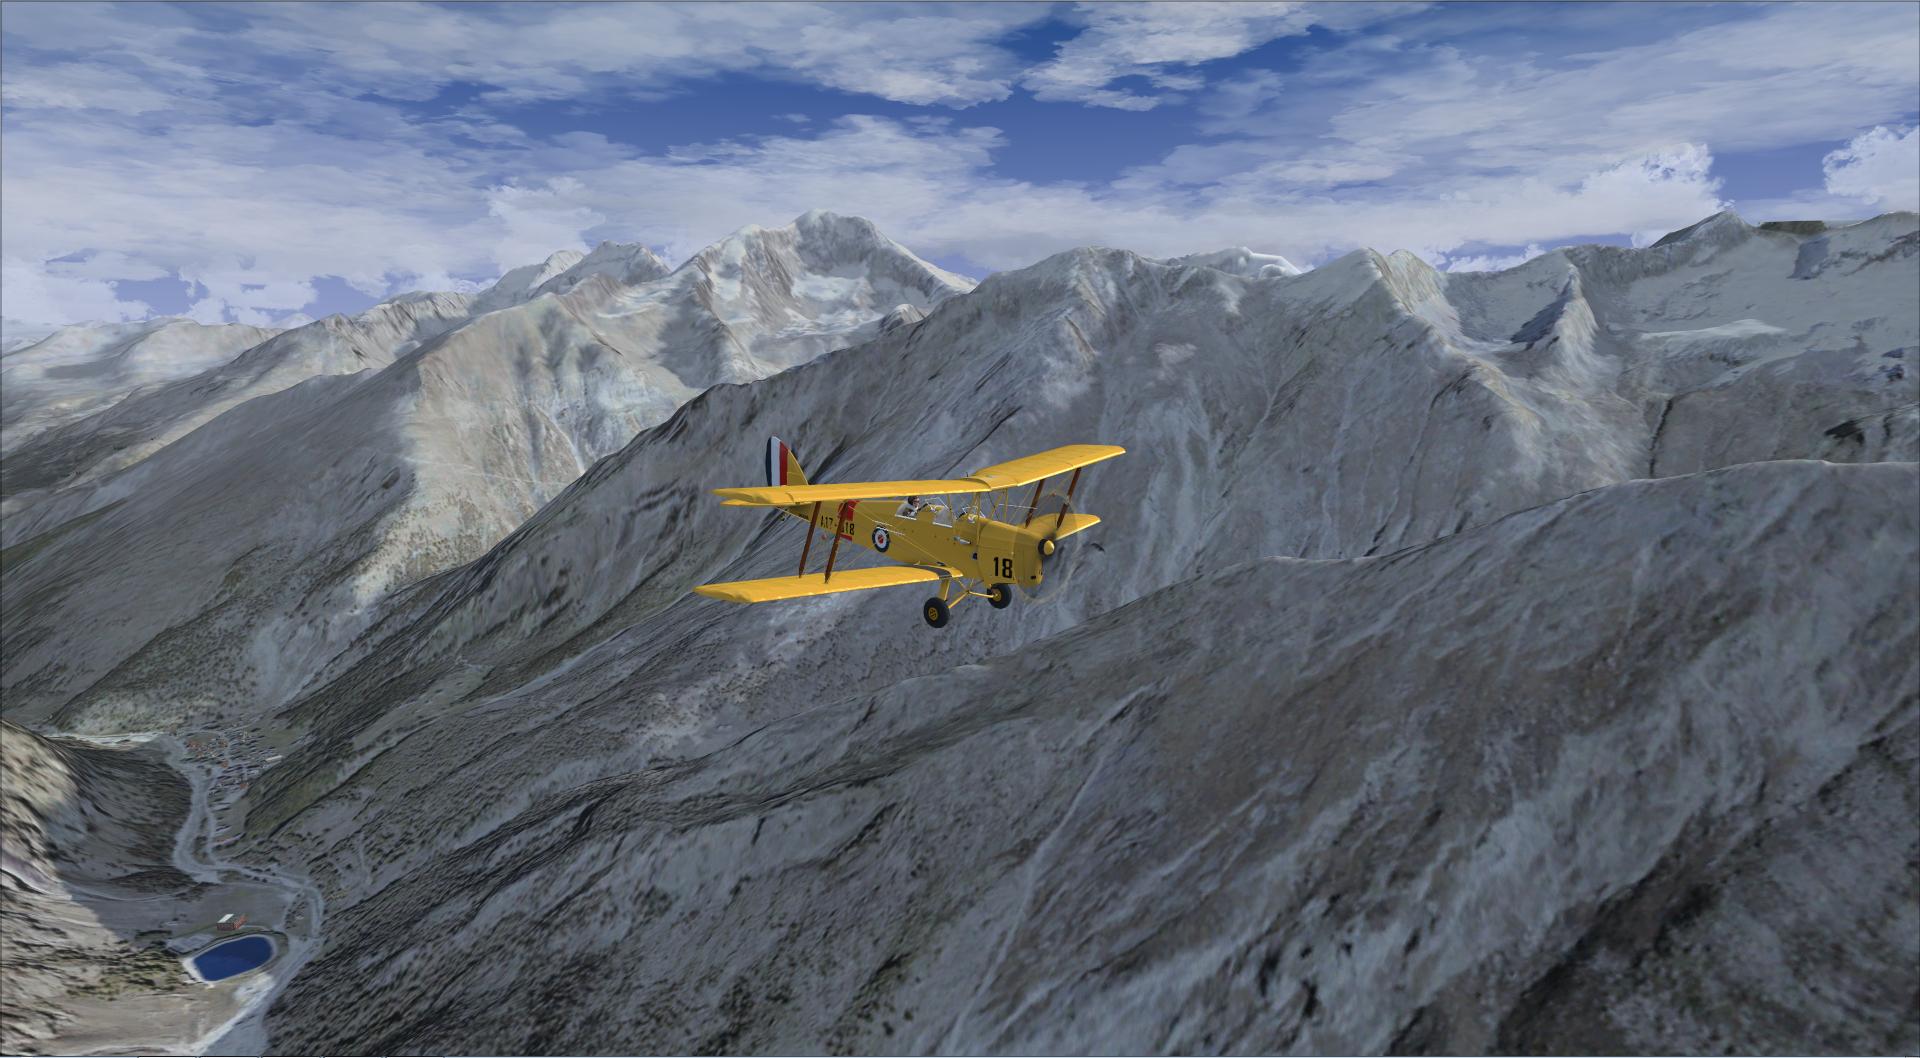 Compte rendu aéroclub. Le passage des alpes 640240201497112445411